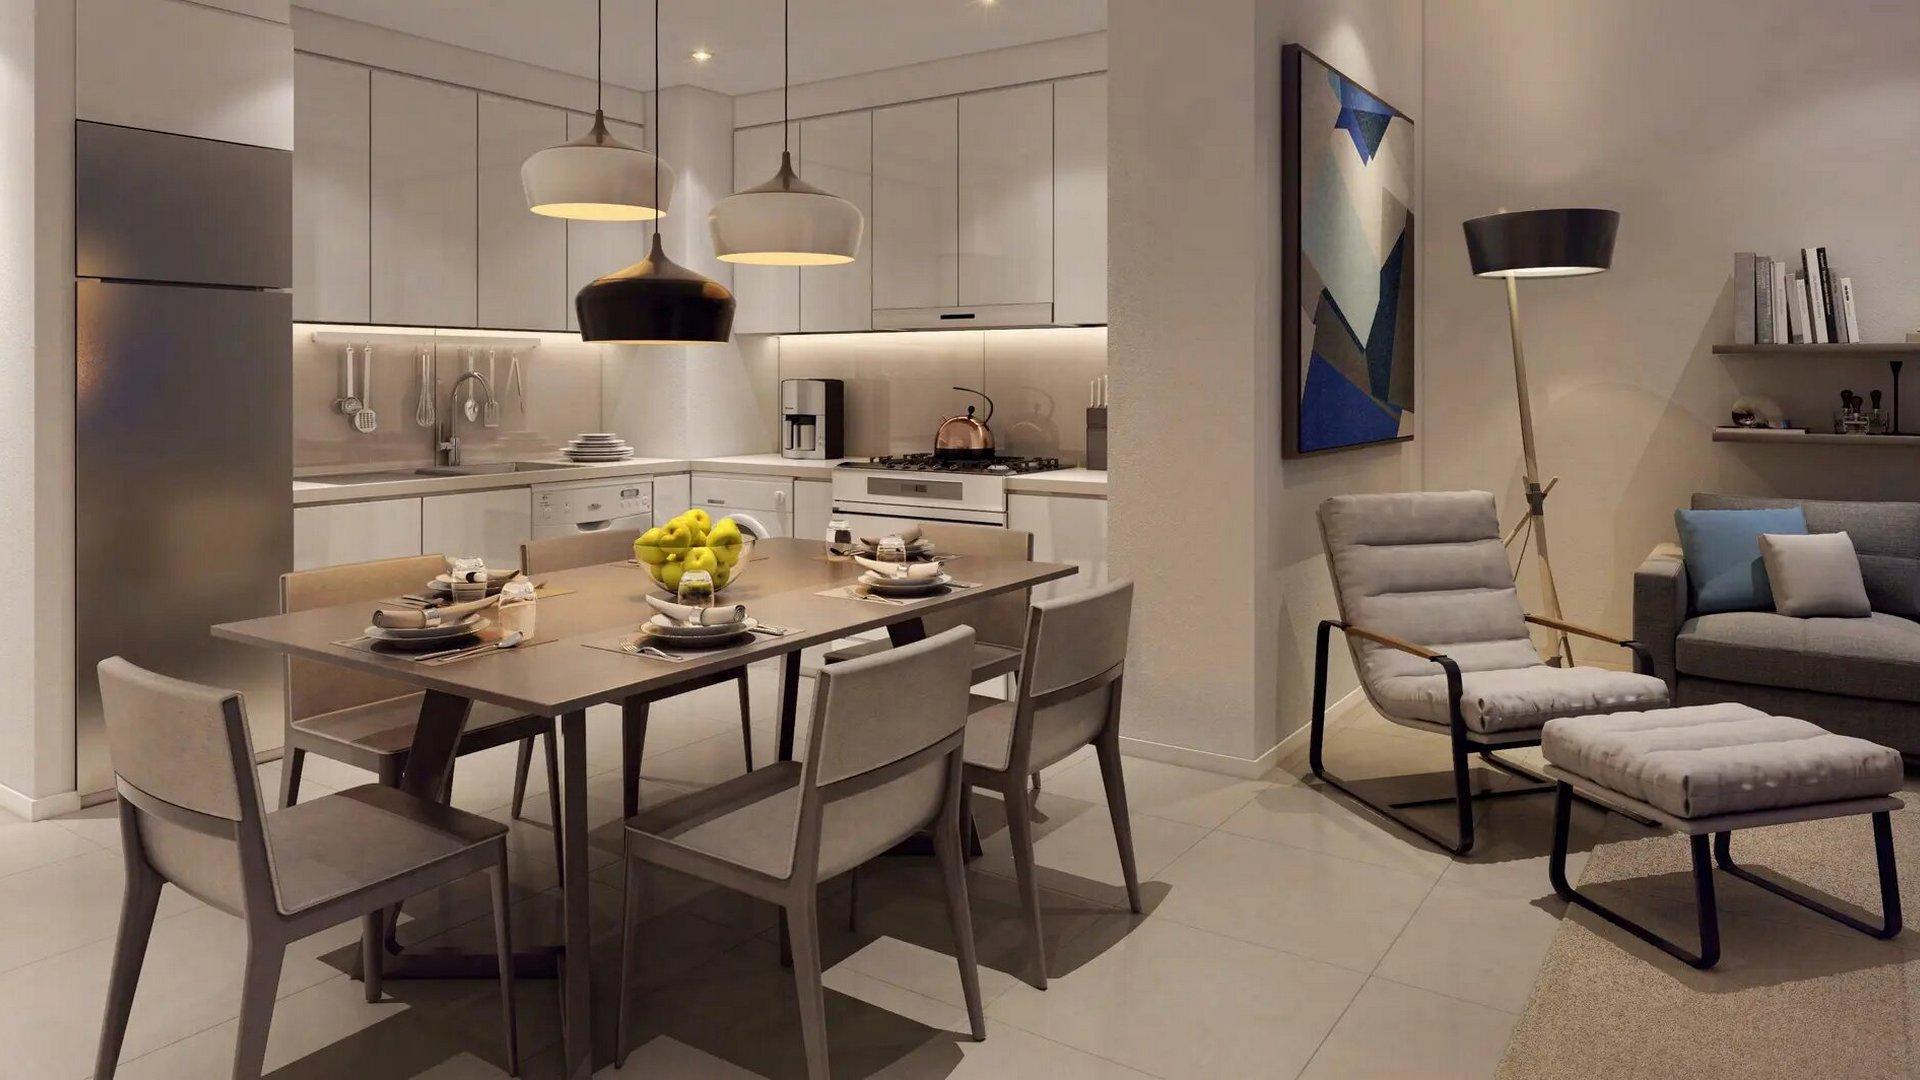 Adosado en venta en Dubai, EAU, 3 dormitorios, 434 m2, № 24268 – foto 1